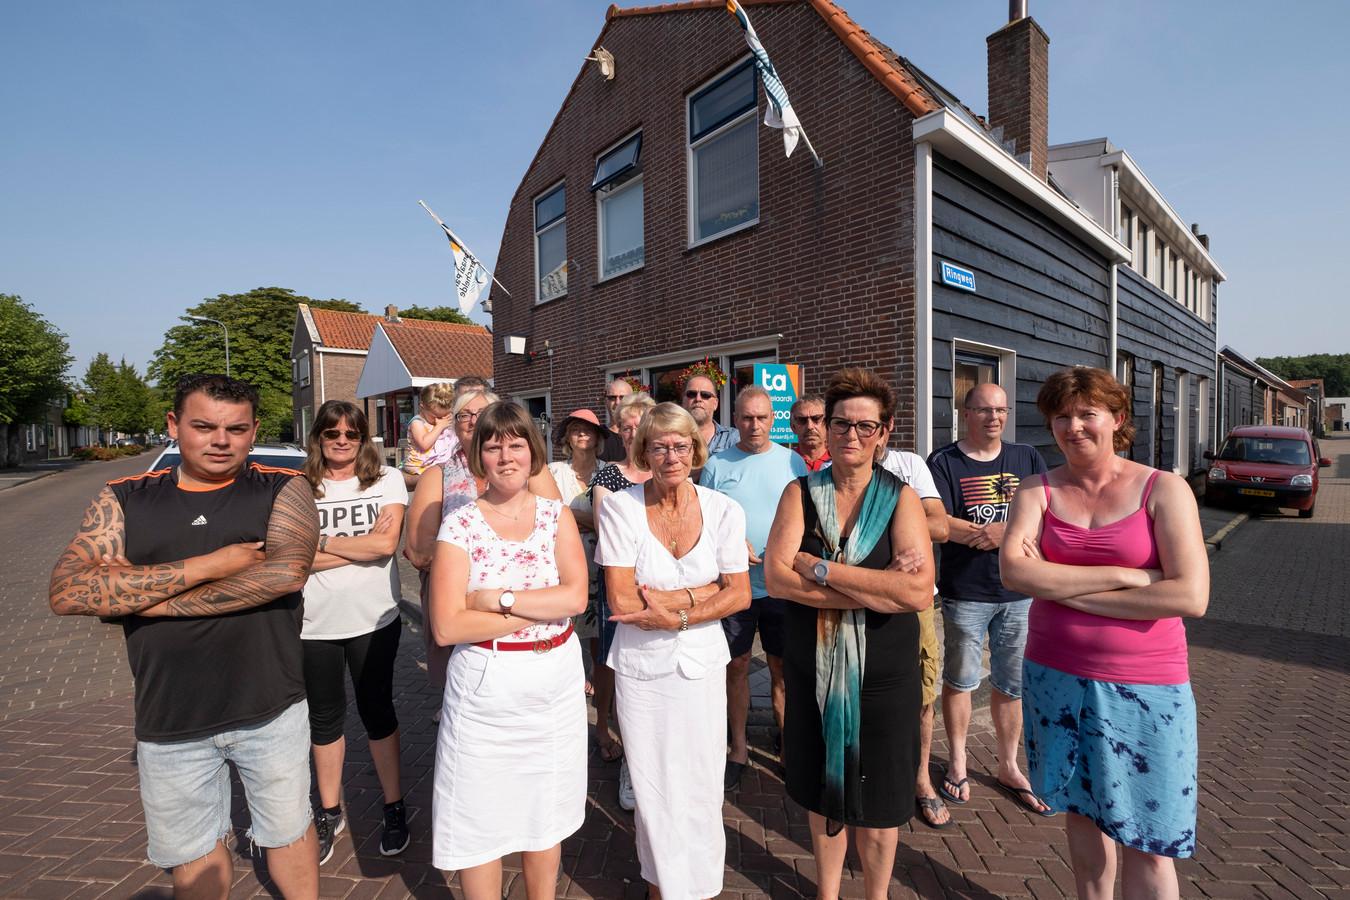 Overleg met de gemeente heeft de ongerustheid bij de bewoners van Colijnsplaat nog niet weg kunnen nemen. Zij zien de komst van twaalf arbeidsmigranten met lede ogen aan.